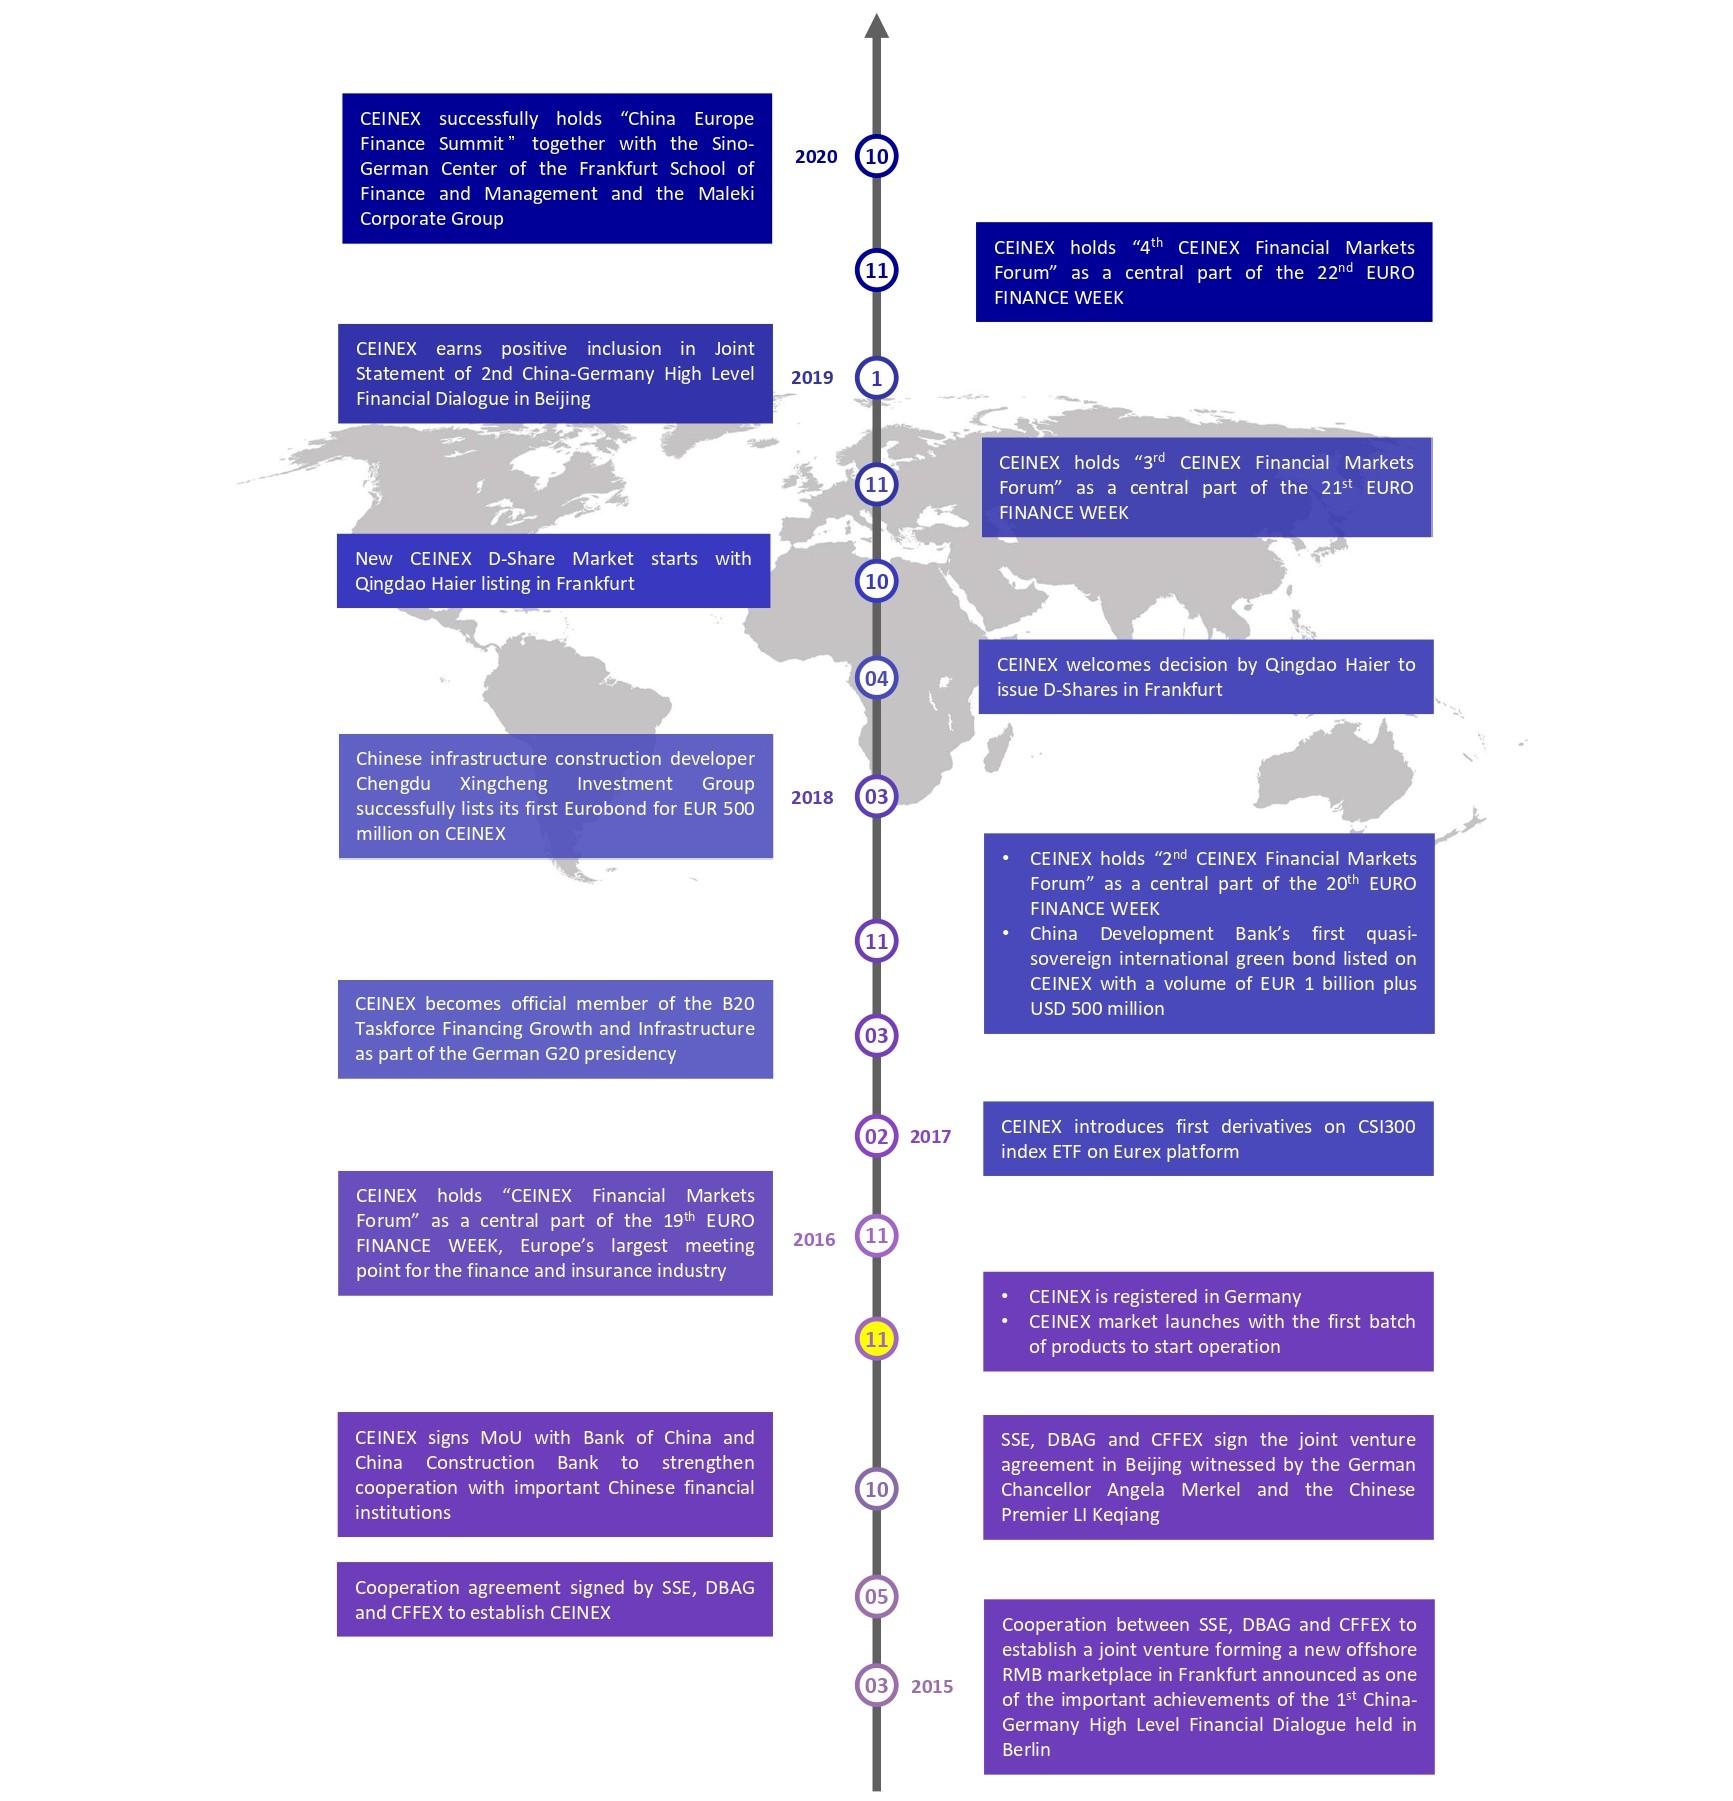 <h3>CEINEX milestones</h3>